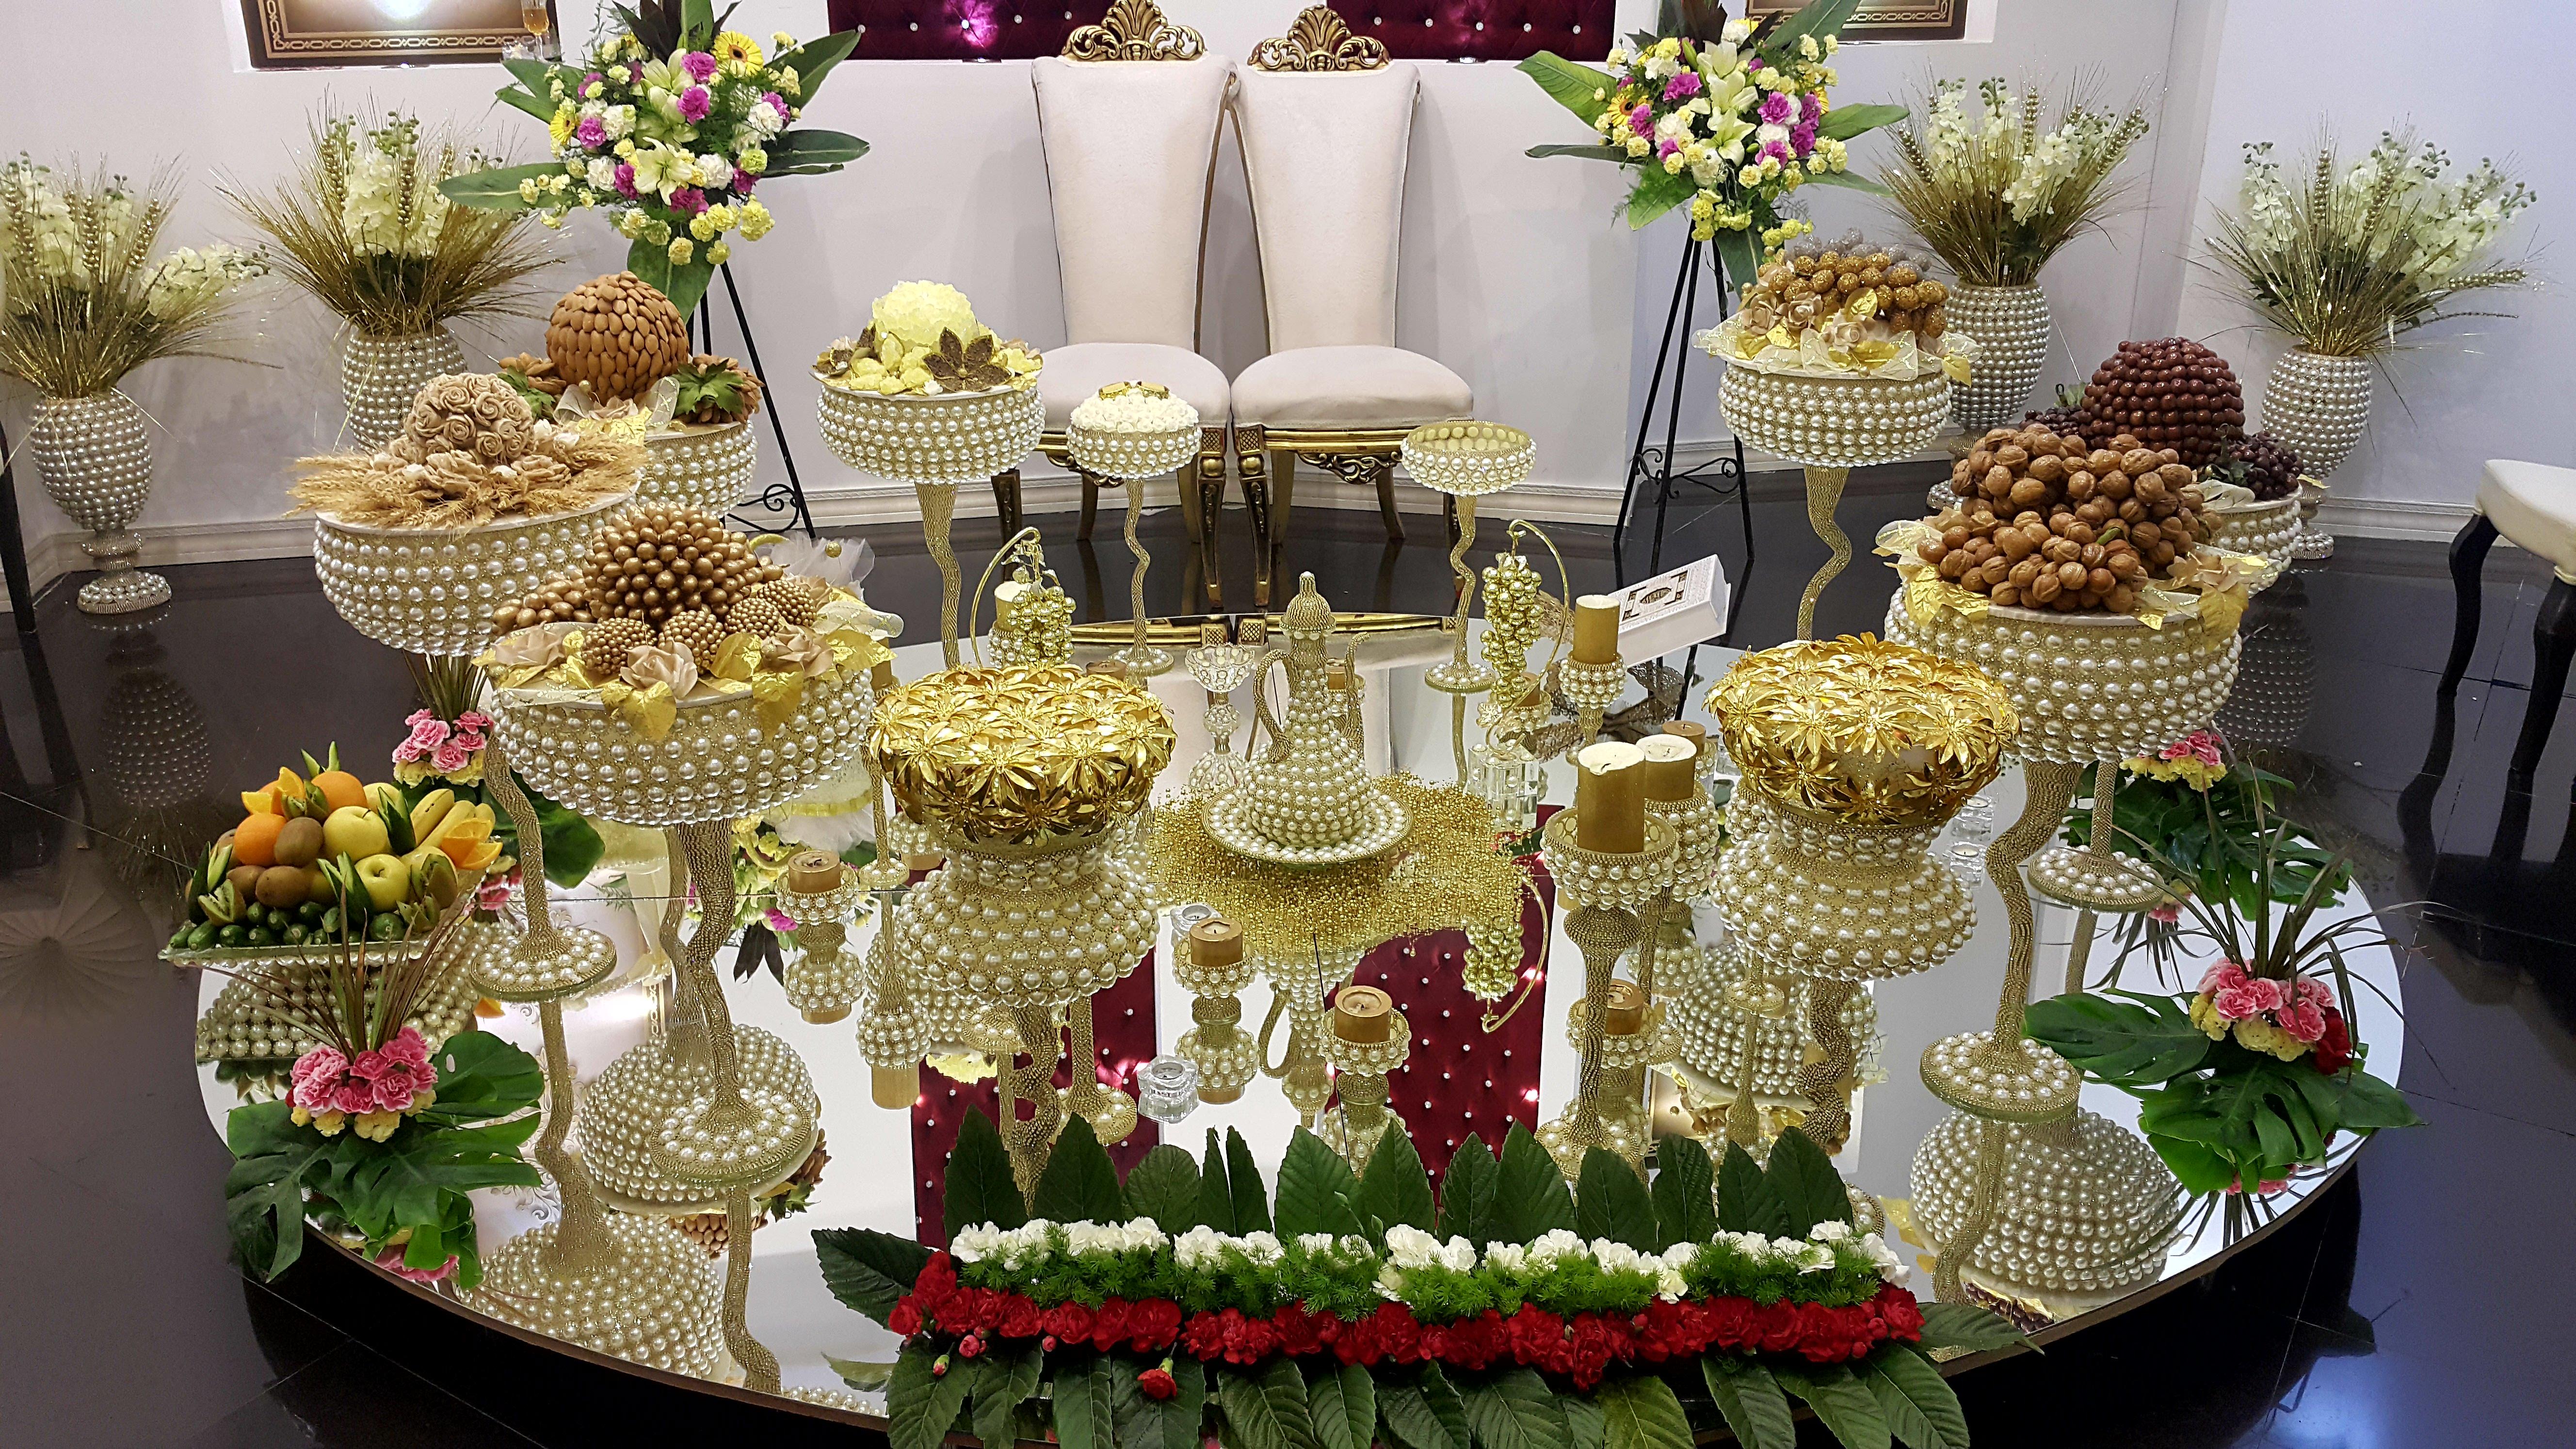 تالار عروسی پردیسان   سفره عقد عروسی